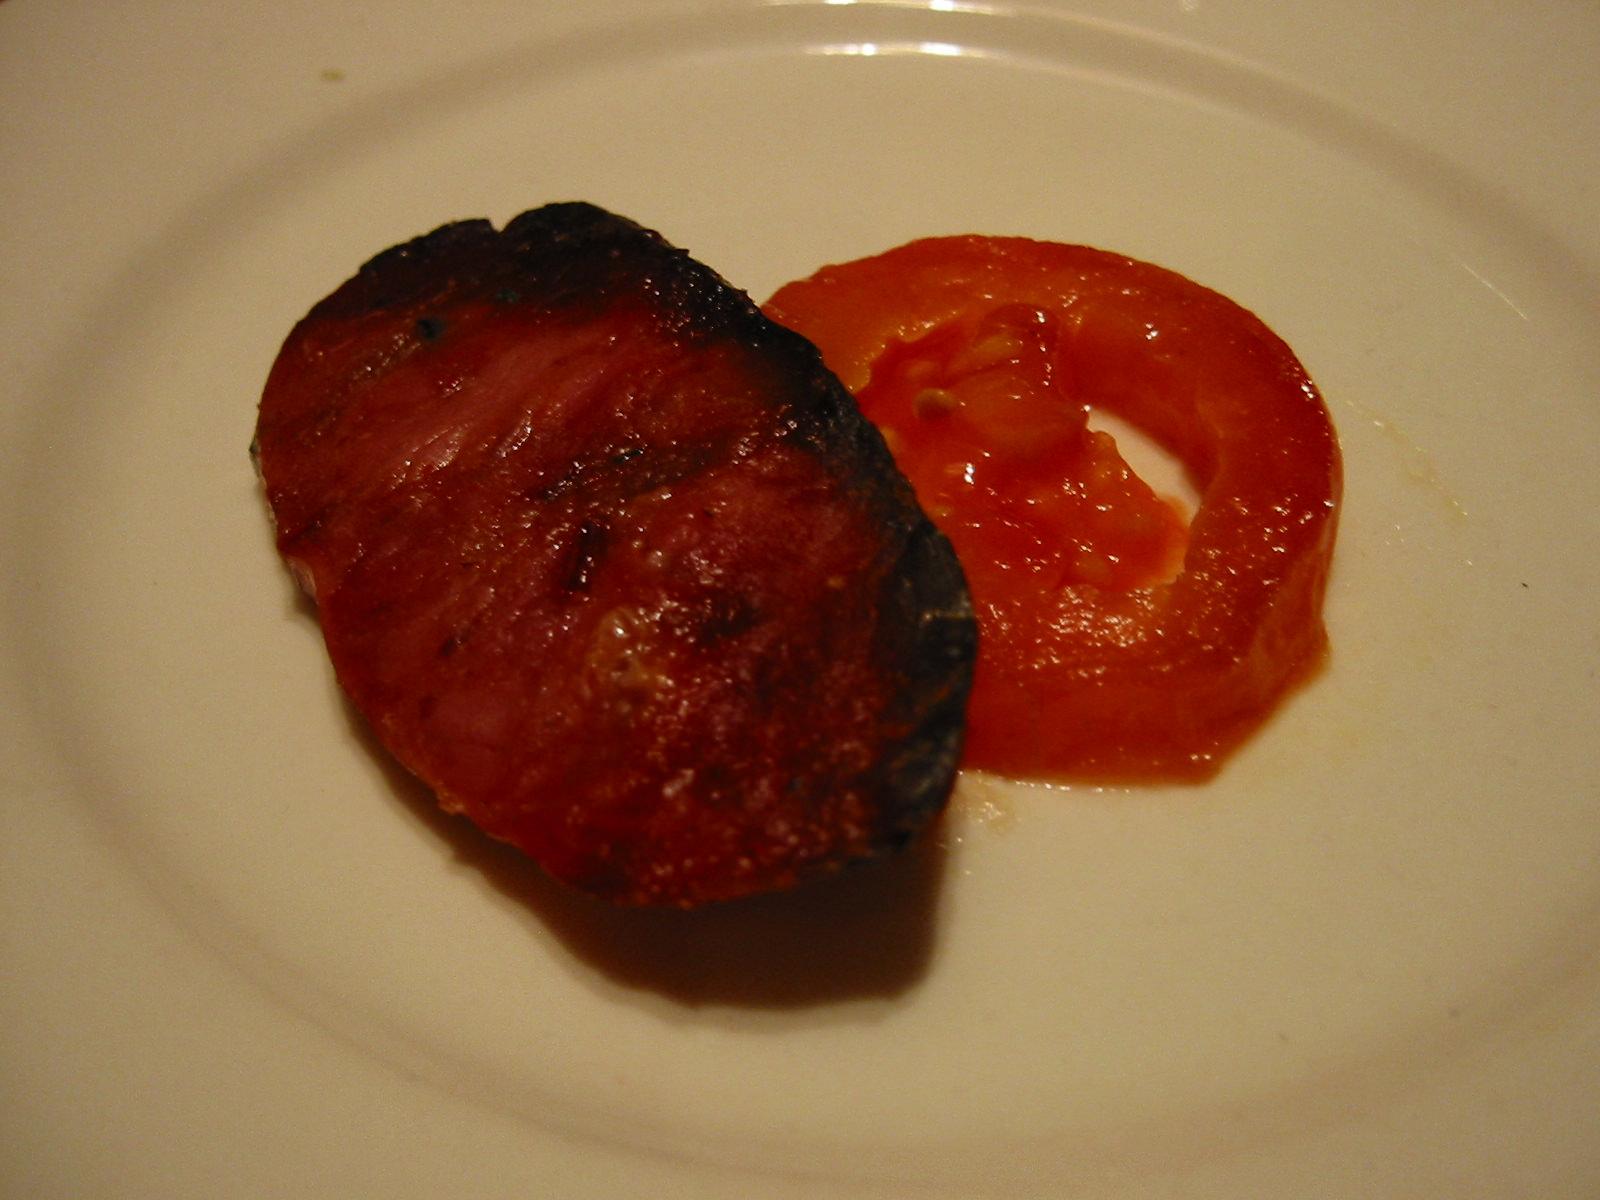 Sausage and tomato